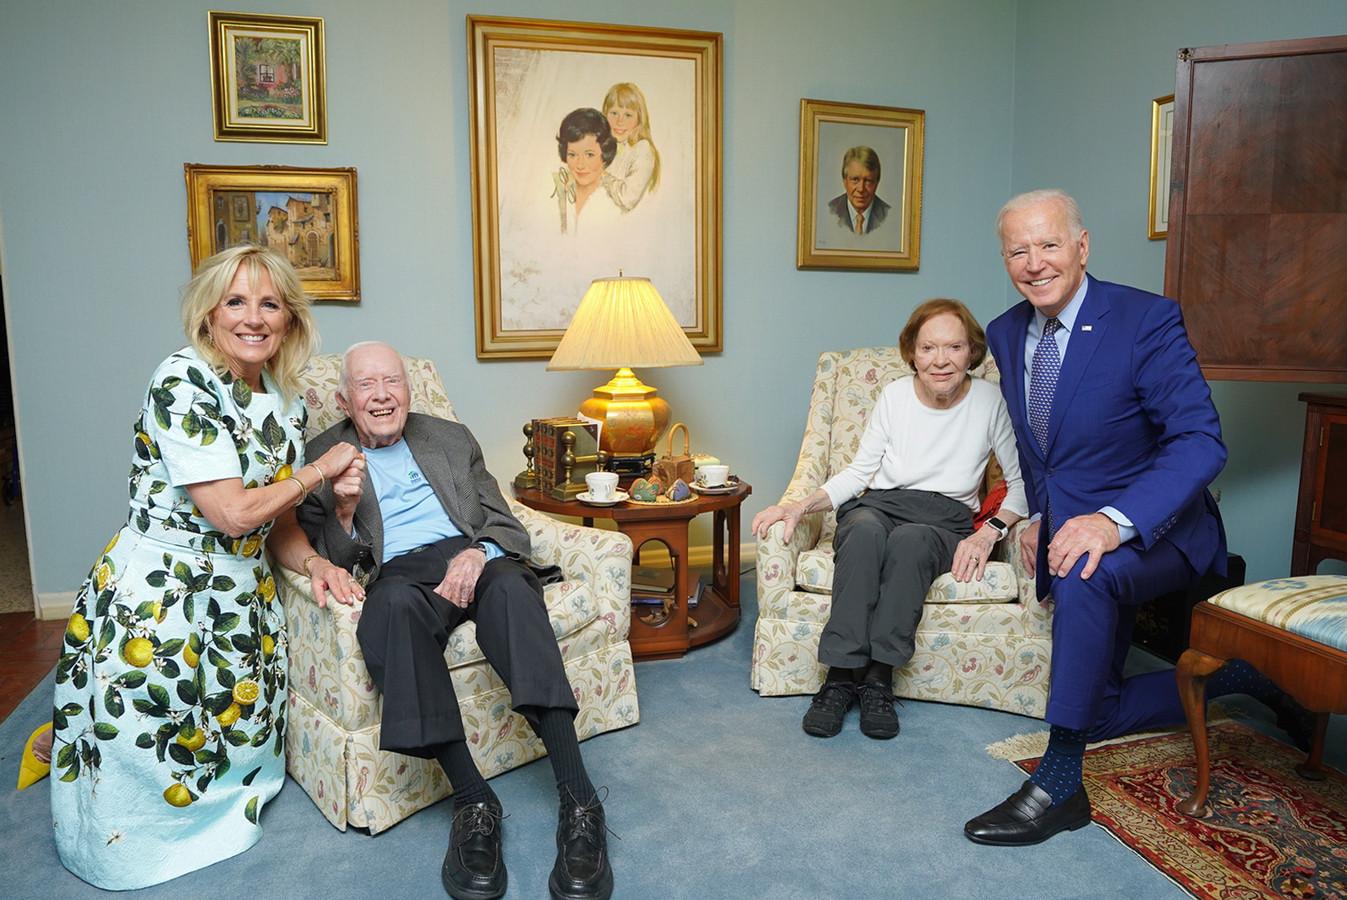 Van links naar rechts: Jill Biden en Jimmy Carter, Rosalynn Carter en Joe Biden.